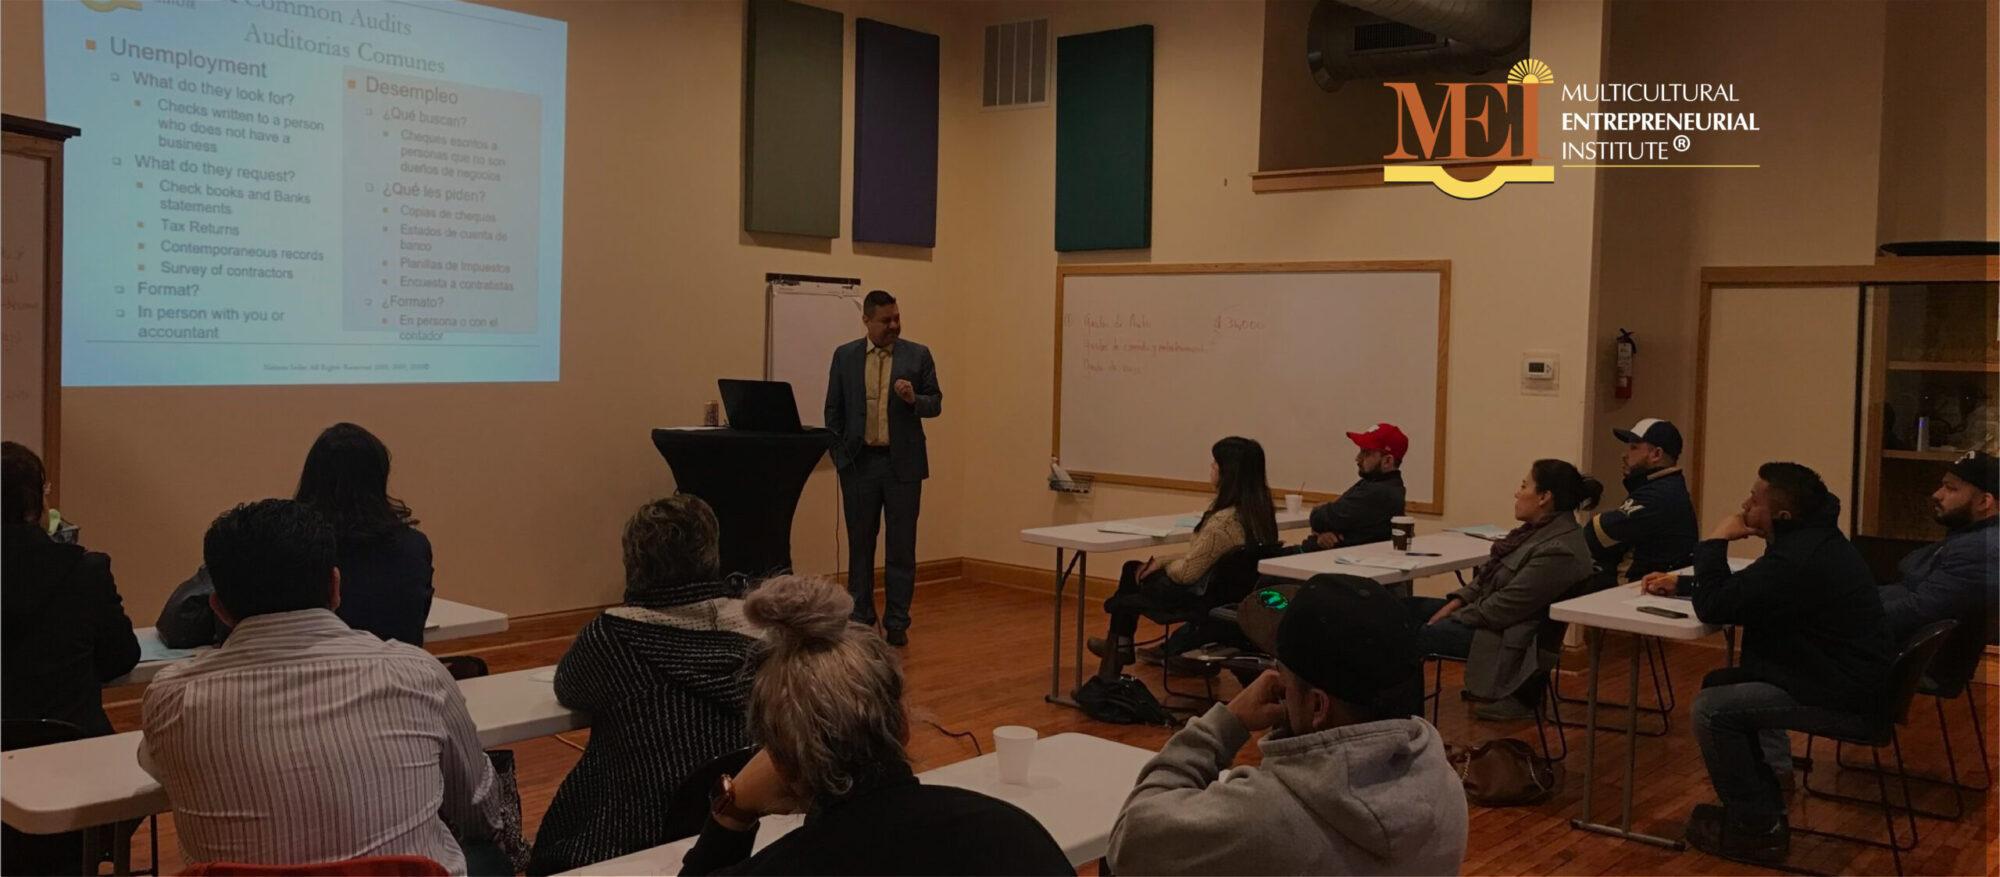 Multicultural Entrepreneurial Institute